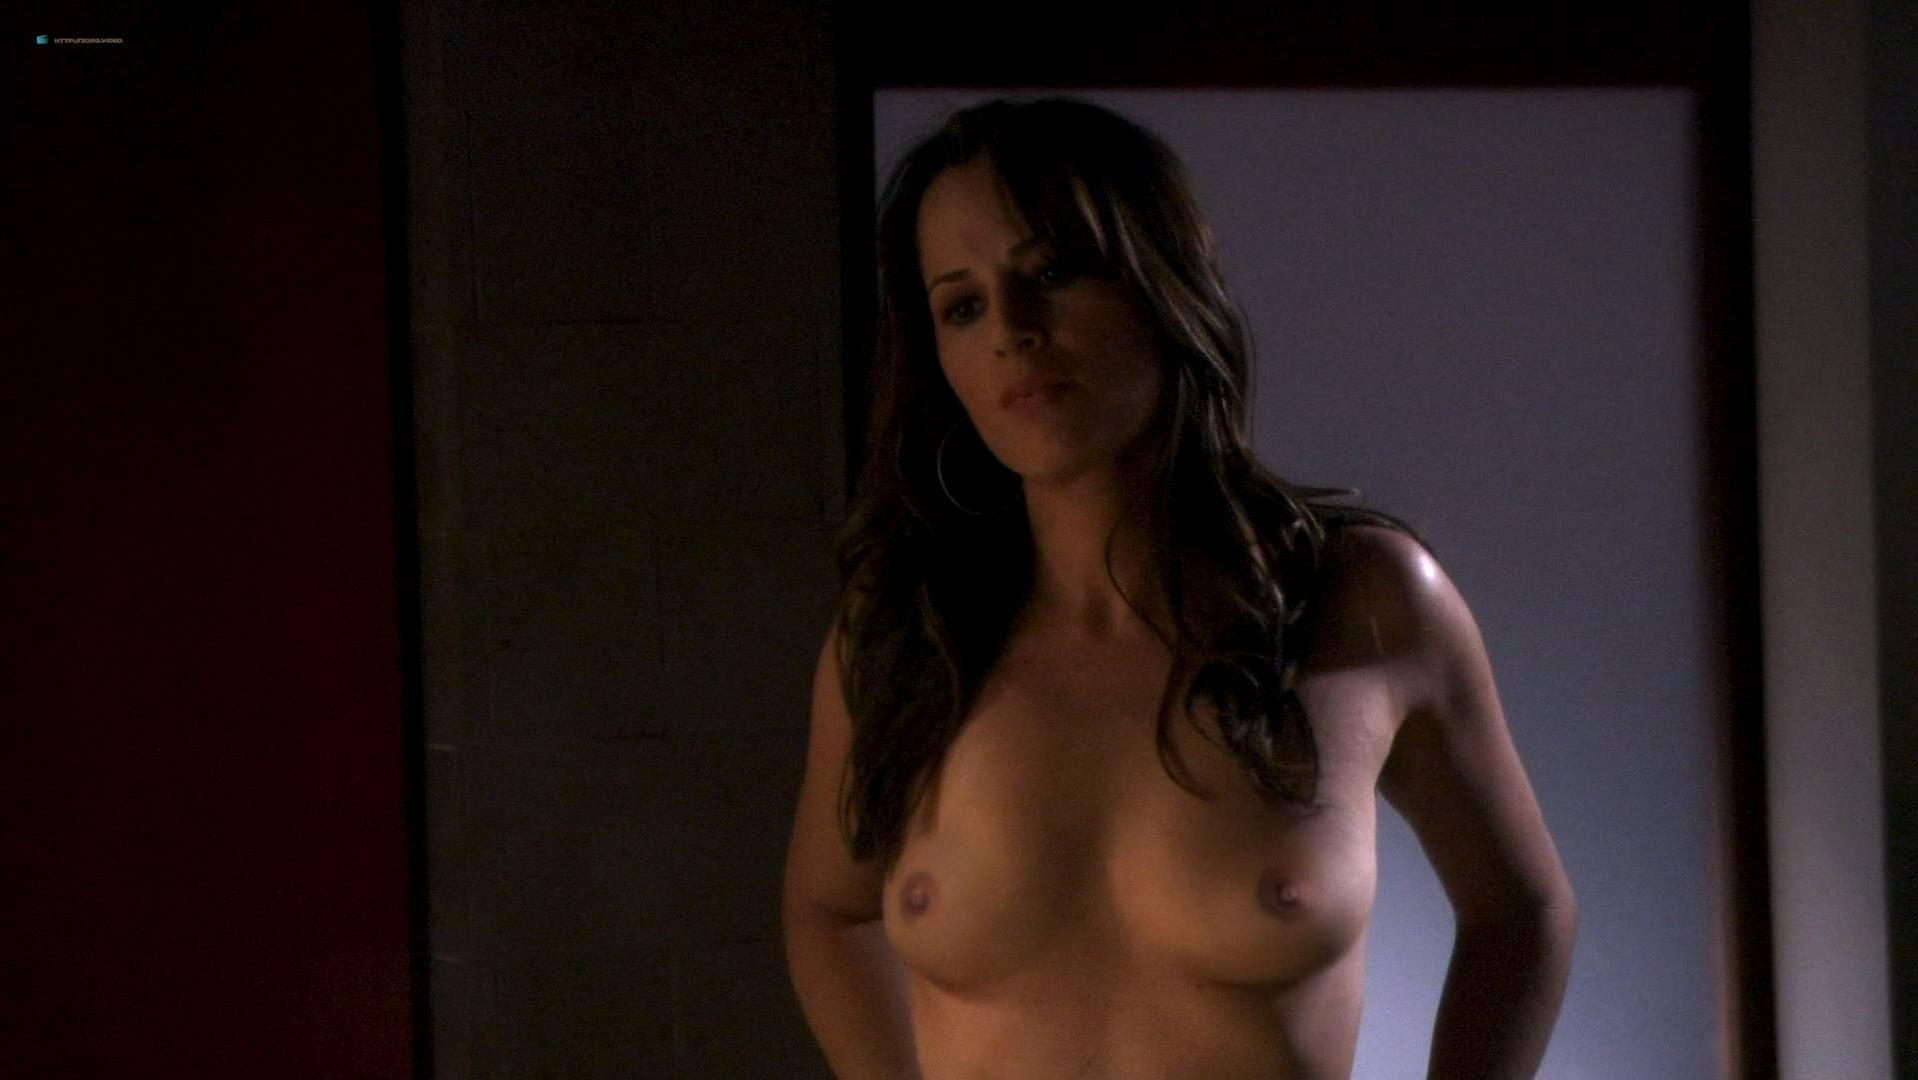 Paula Marshall nude, Brooke Banner nude, Madeline Zima sexy - Califonication s01e02 (2007)